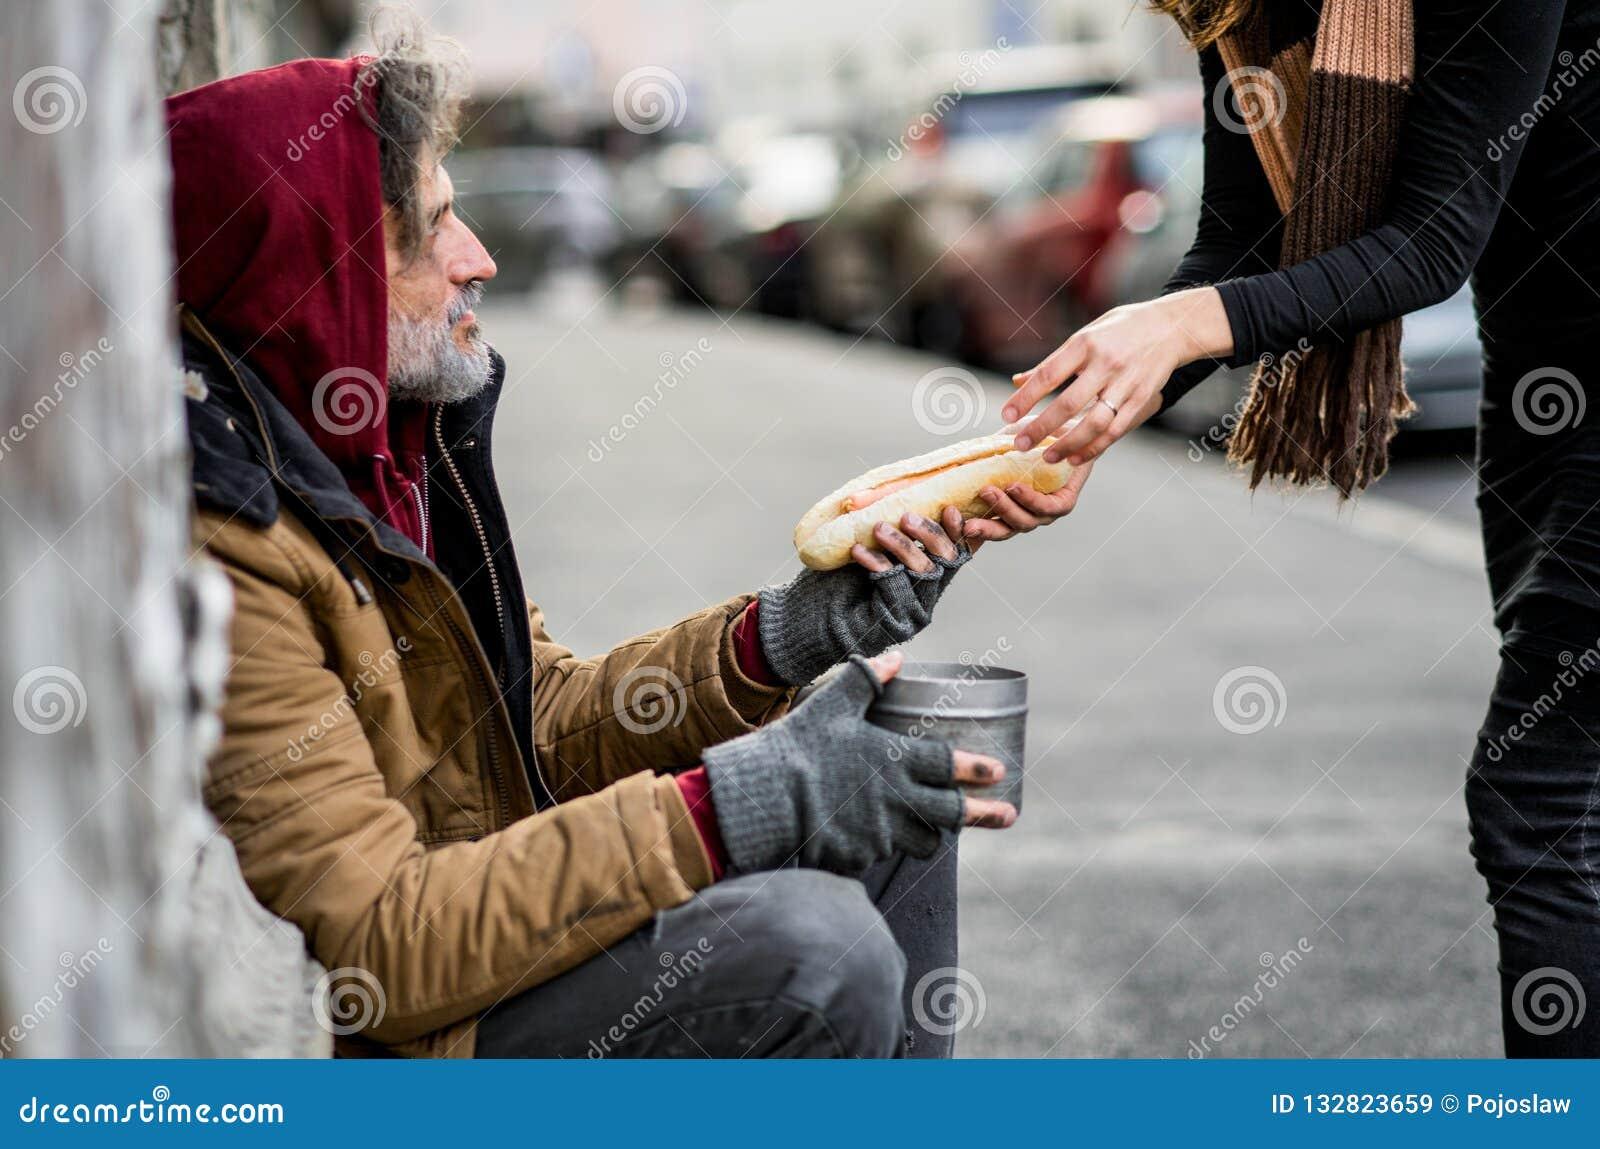 Непознаваемая женщина давая еду бездомному человеку попрошайки сидя в городе